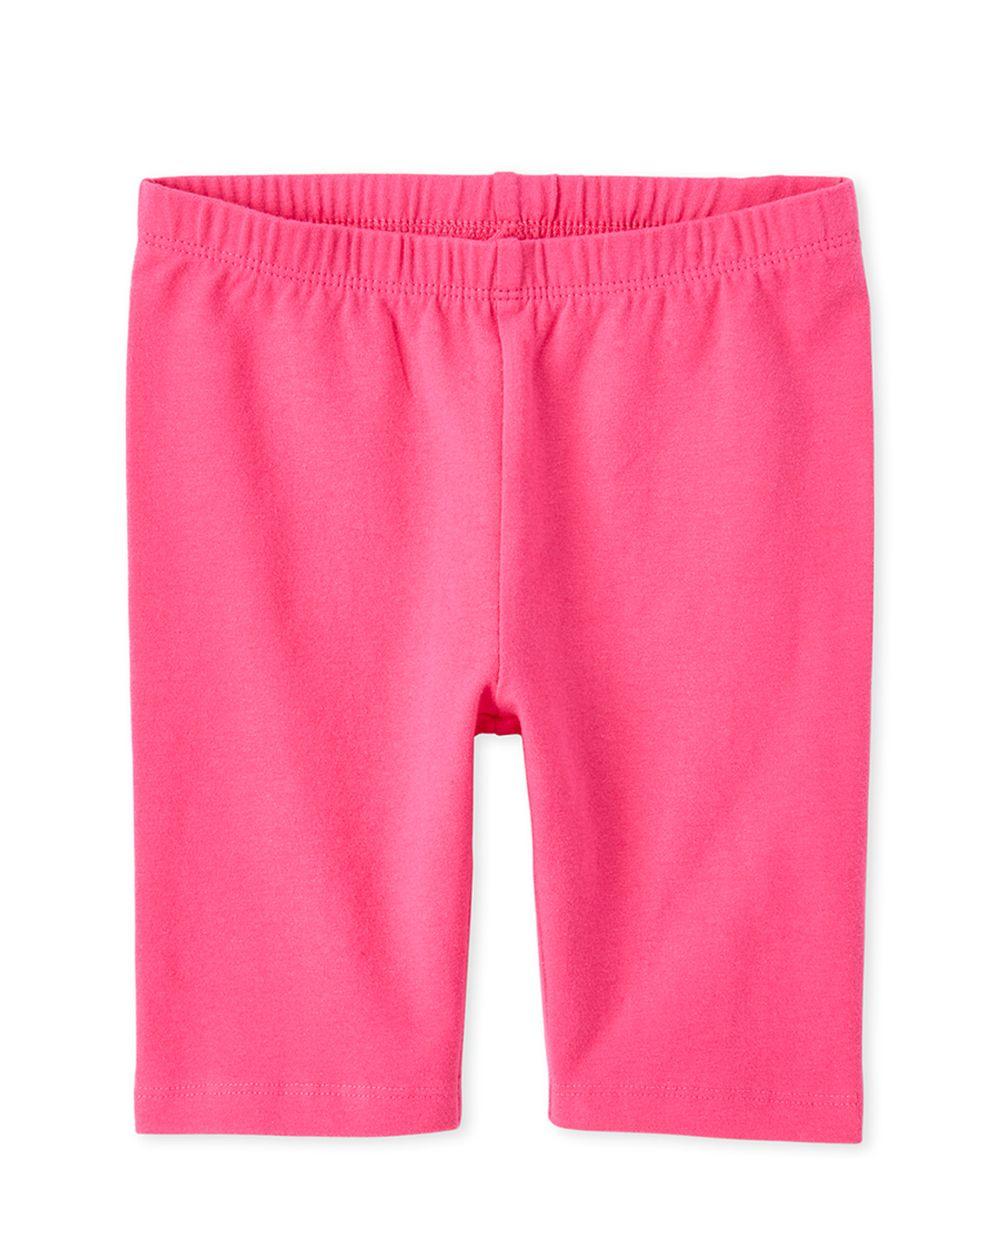 Girls Mix And Match Bike Shorts